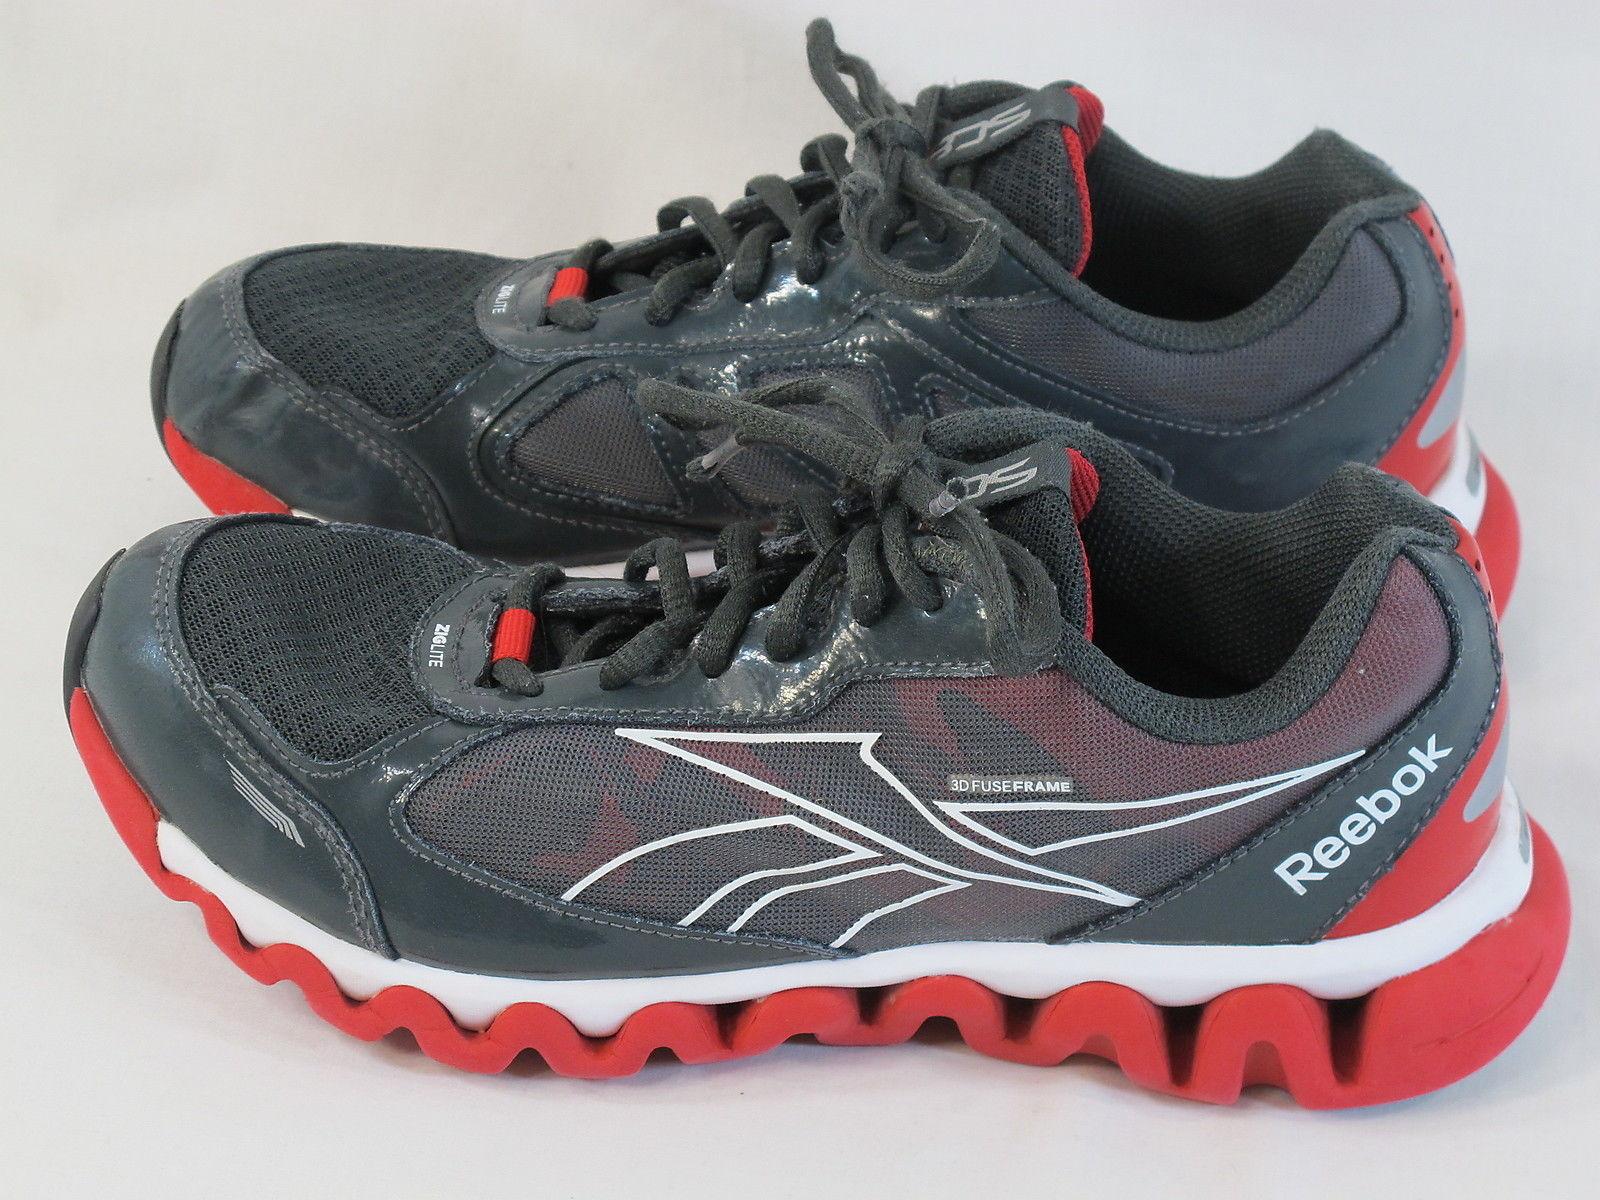 Reebok ZigLite Rush Lightweight Running Shoes Men s Size 6 US EUC 48a4e0446